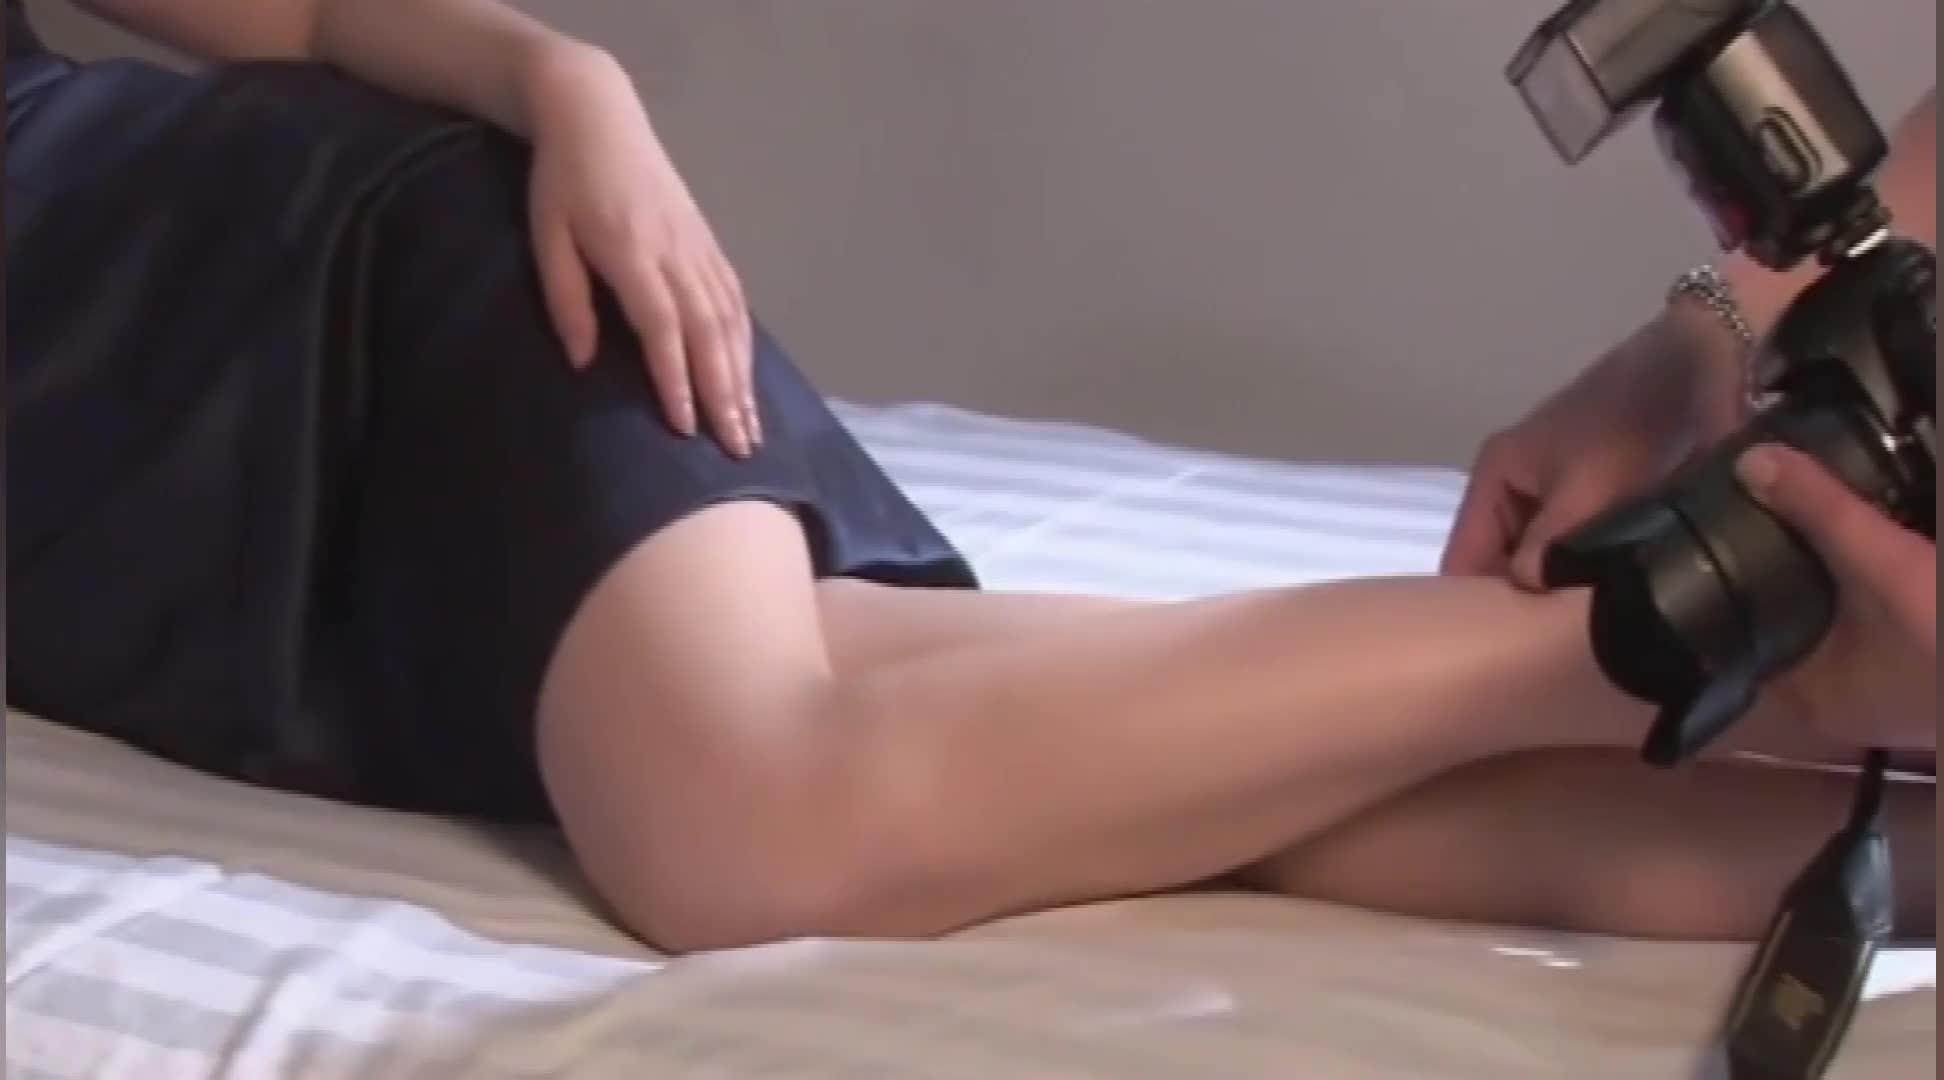 摄影师帮杨桃调整姿势,最后竟然摸到腿上,杨桃却很开心!